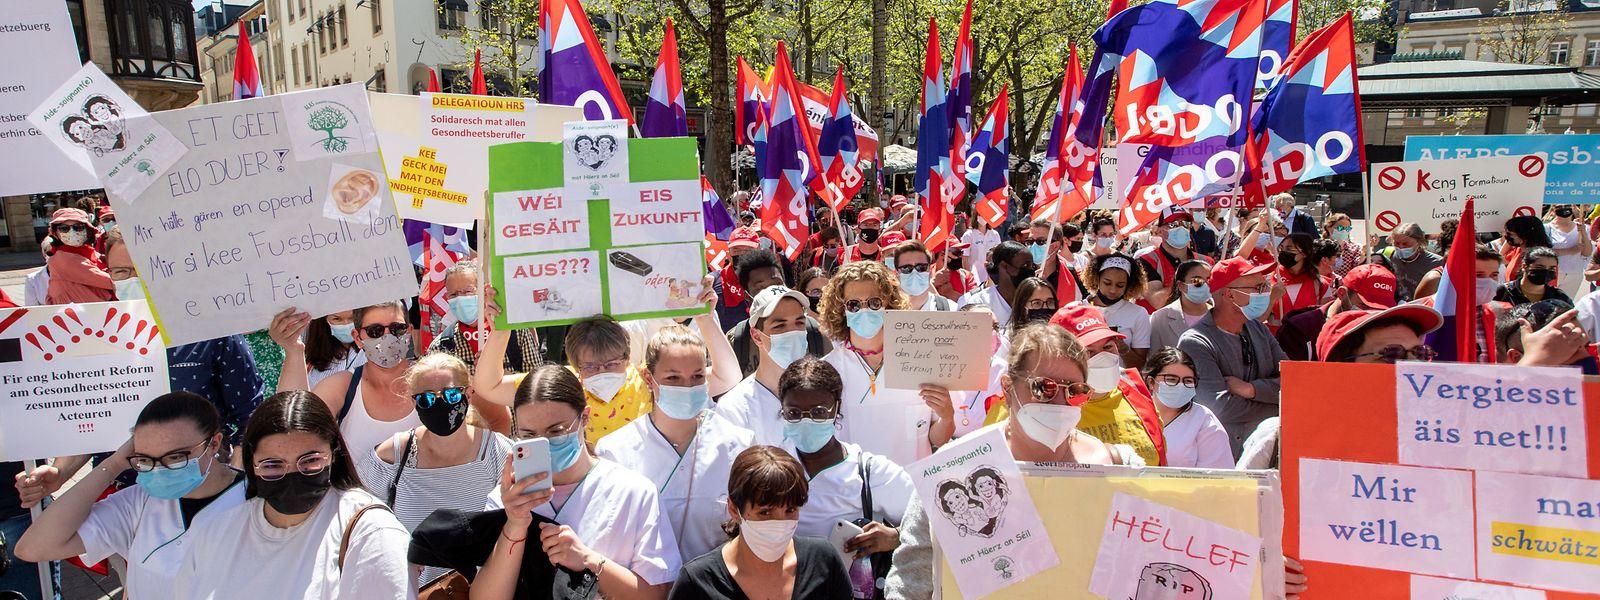 Die Protestler forderten am Dienstag, dass die geplante Reform auf Eis und mit den Akteuren aus dem Gesundheitssektor neu verhandelt wird.